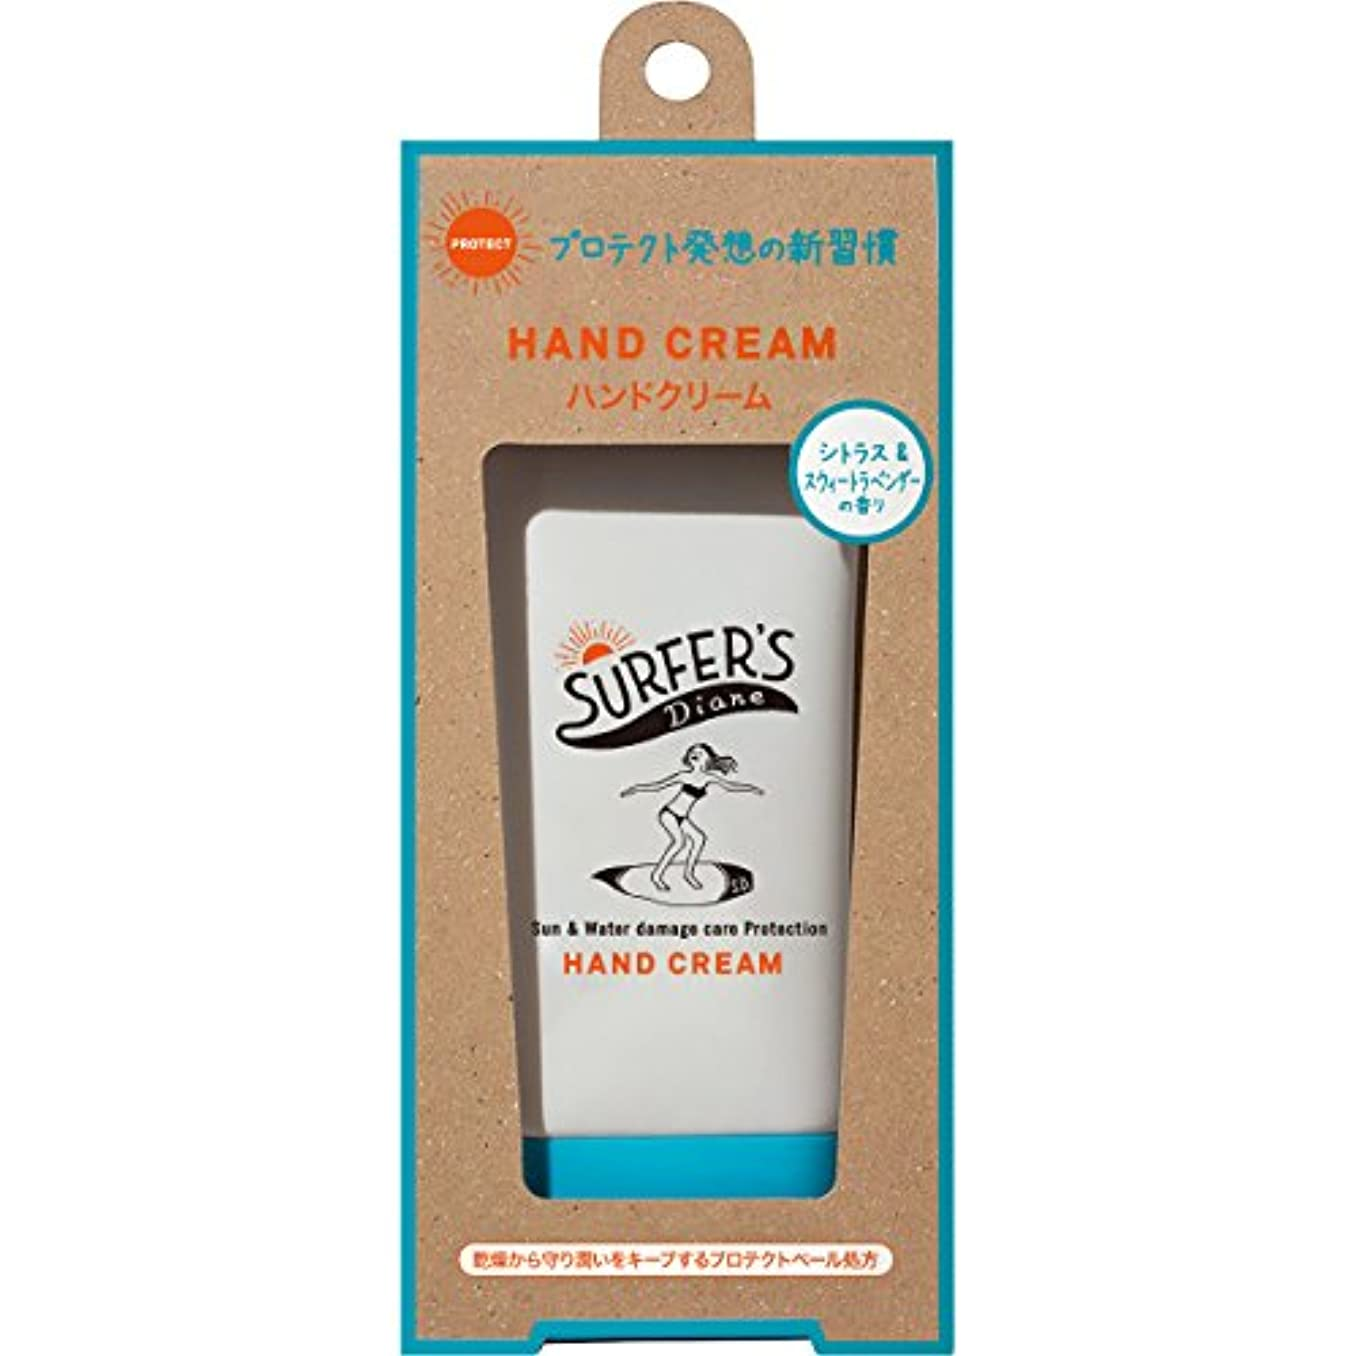 溶接イソギンチャク無効サーファーズダイアン プロテクト ハンドクリーム シトラス&スウィートラベンダーの香り 50g